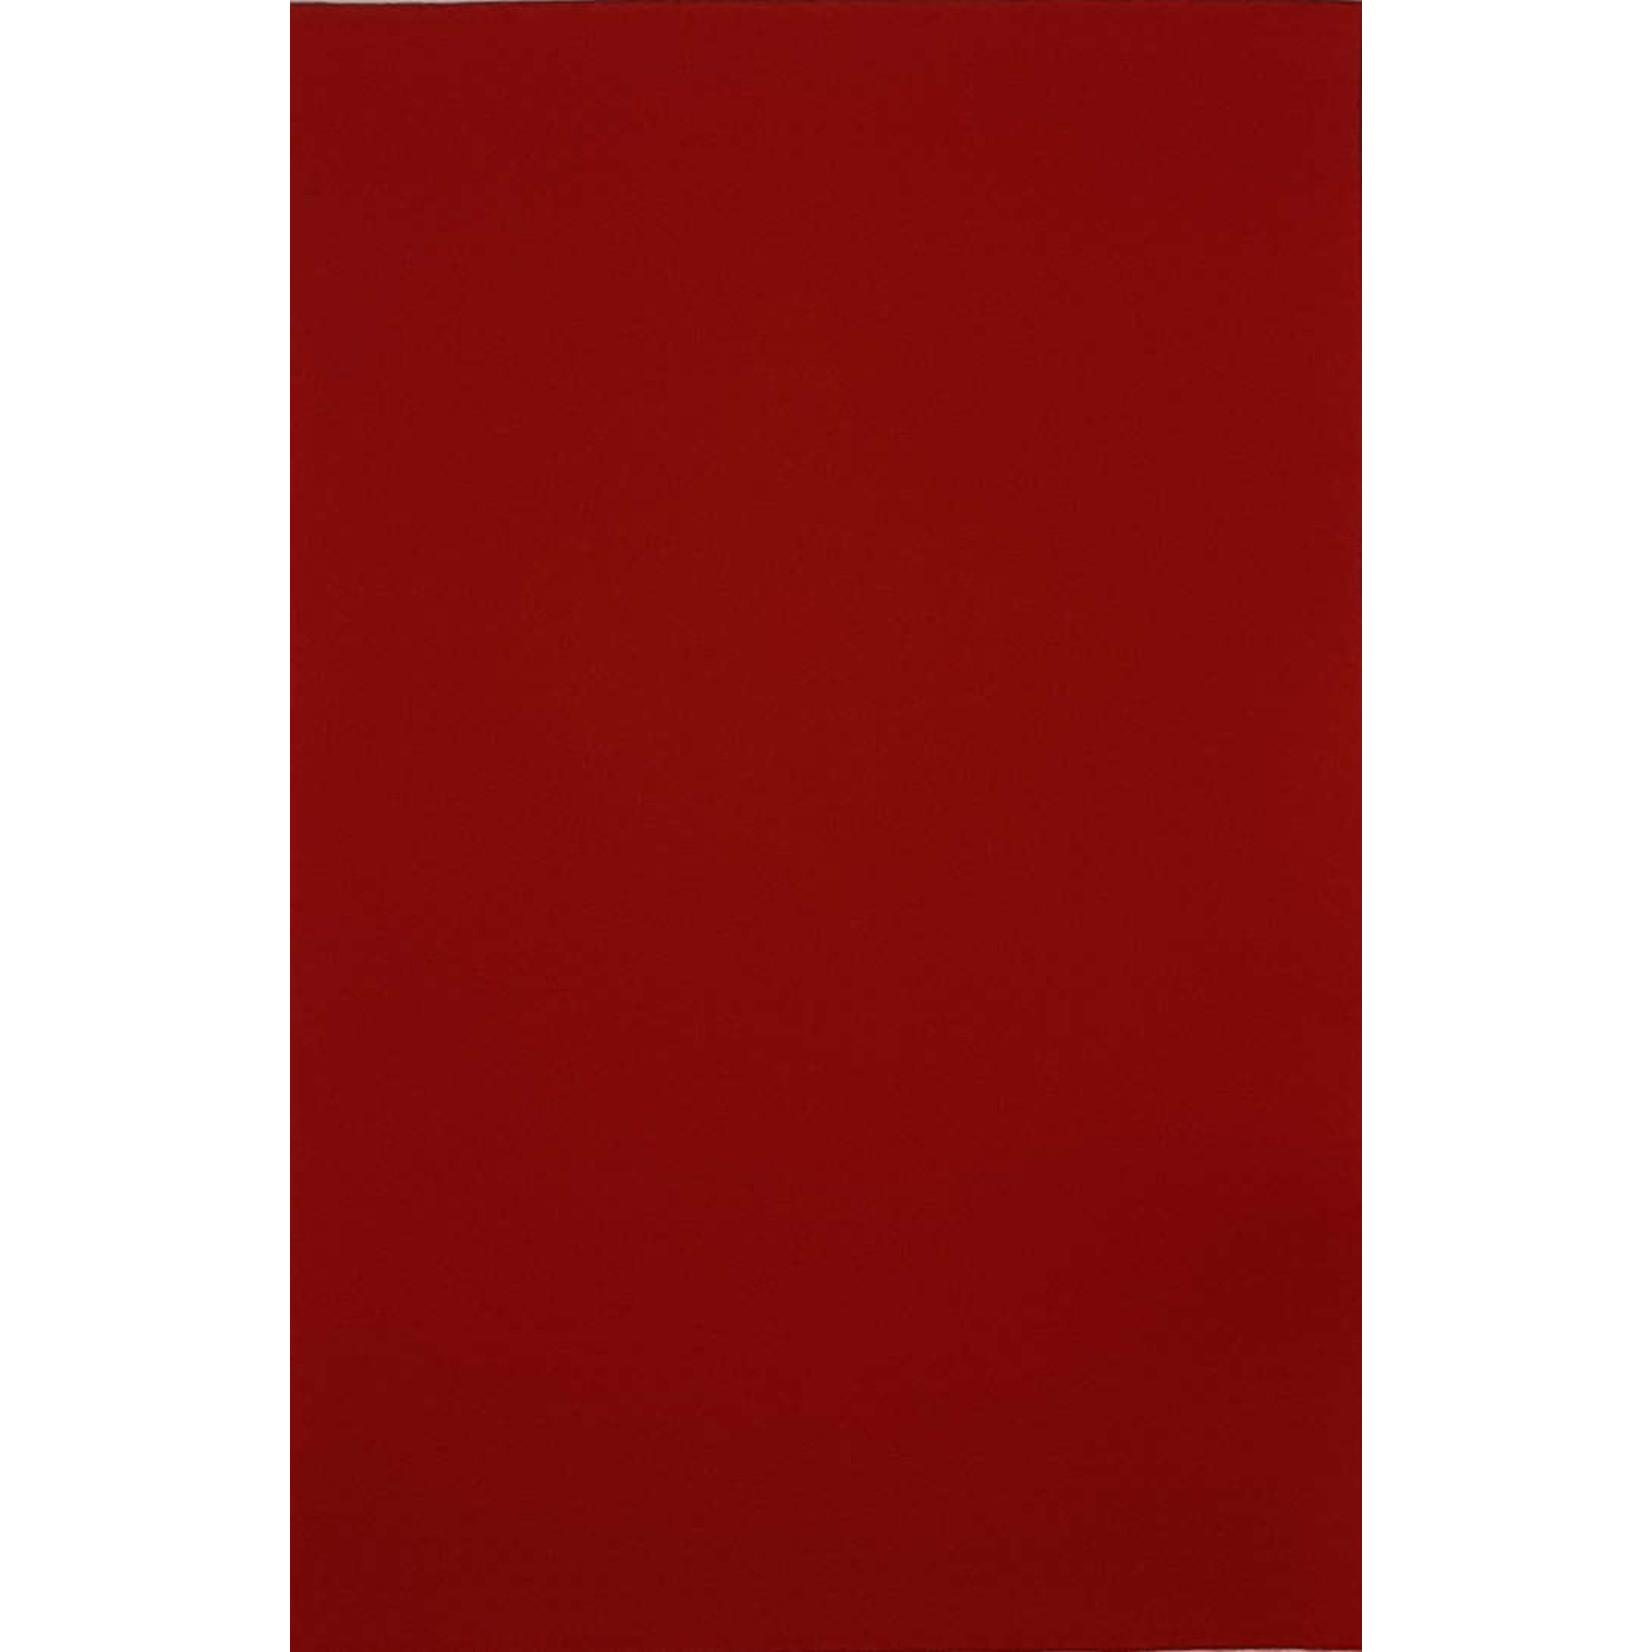 HollandFelt Wolvilt - lapje 20 x 30 cm. - kleur 07  Vuurrood - zuiver scheerwol- 1 mm. dik